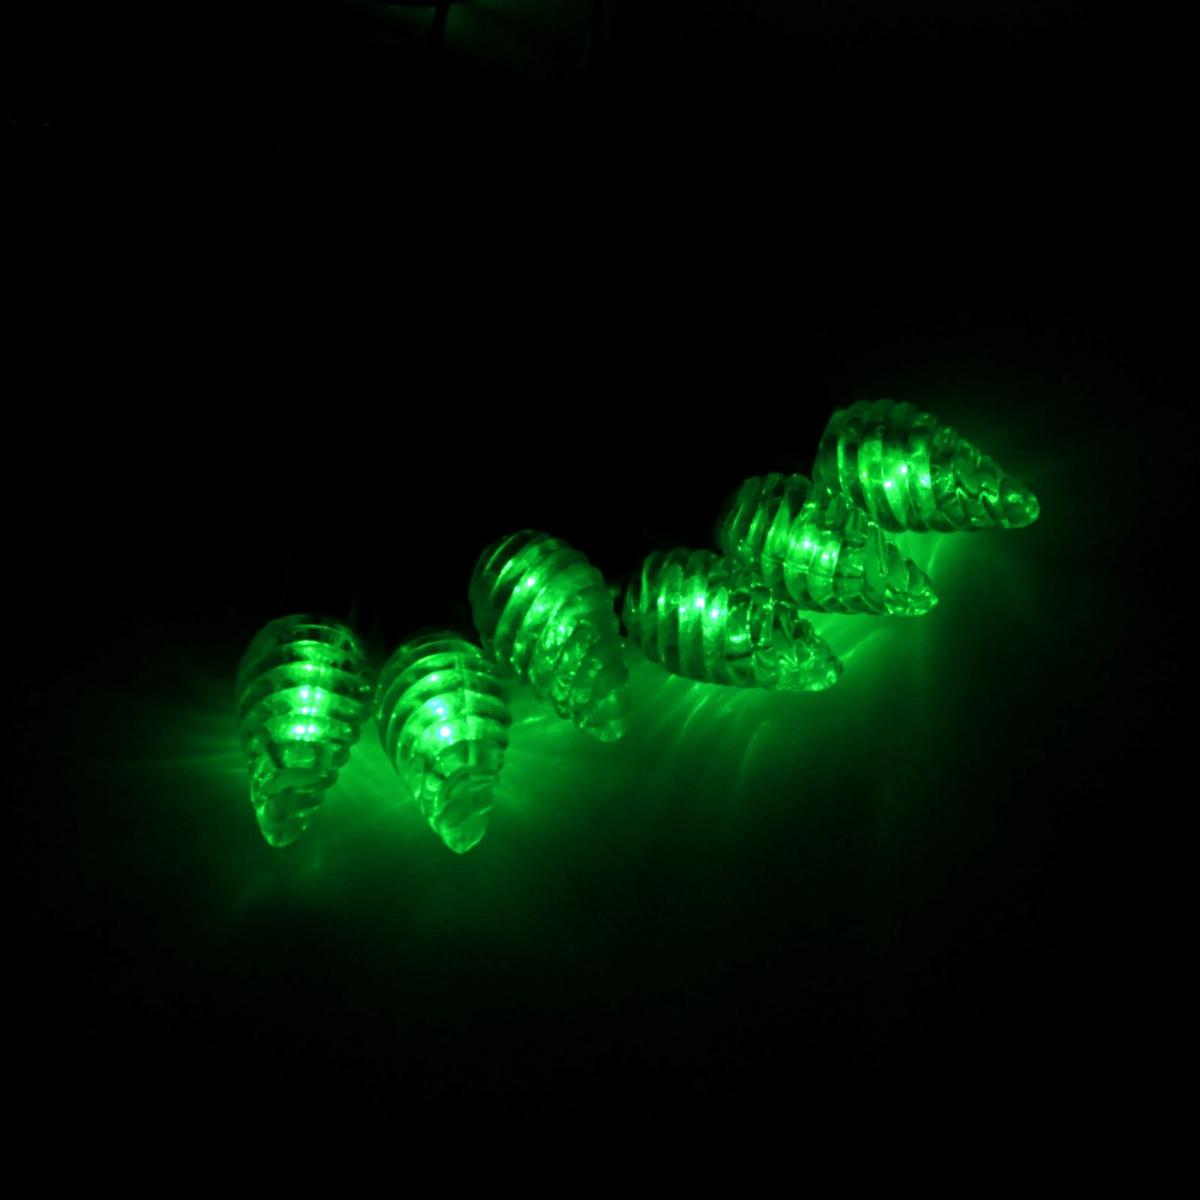 Гирлянда светодиодная Luazon Метраж. Растаявший лед, уличная с насадкой, фиксинг, 40 ламп, 220 V, 5 м, цвет: зеленый. 185567185567Светодиодные гирлянды, ленты и т.д. — это отличный вариант для новогоднего оформления интерьера или фасада. С их помощью помещение любого размера можно превратить в праздничный зал, а внешние элементы зданий, украшенные ими, мгновенно станут напоминать очертания сказочного дворца. Такие украшения создают ауру предвкушения чуда. Деревья, фасады, витрины, окна и арки будто специально созданы, чтобы вы украсили их светящимися нитями.